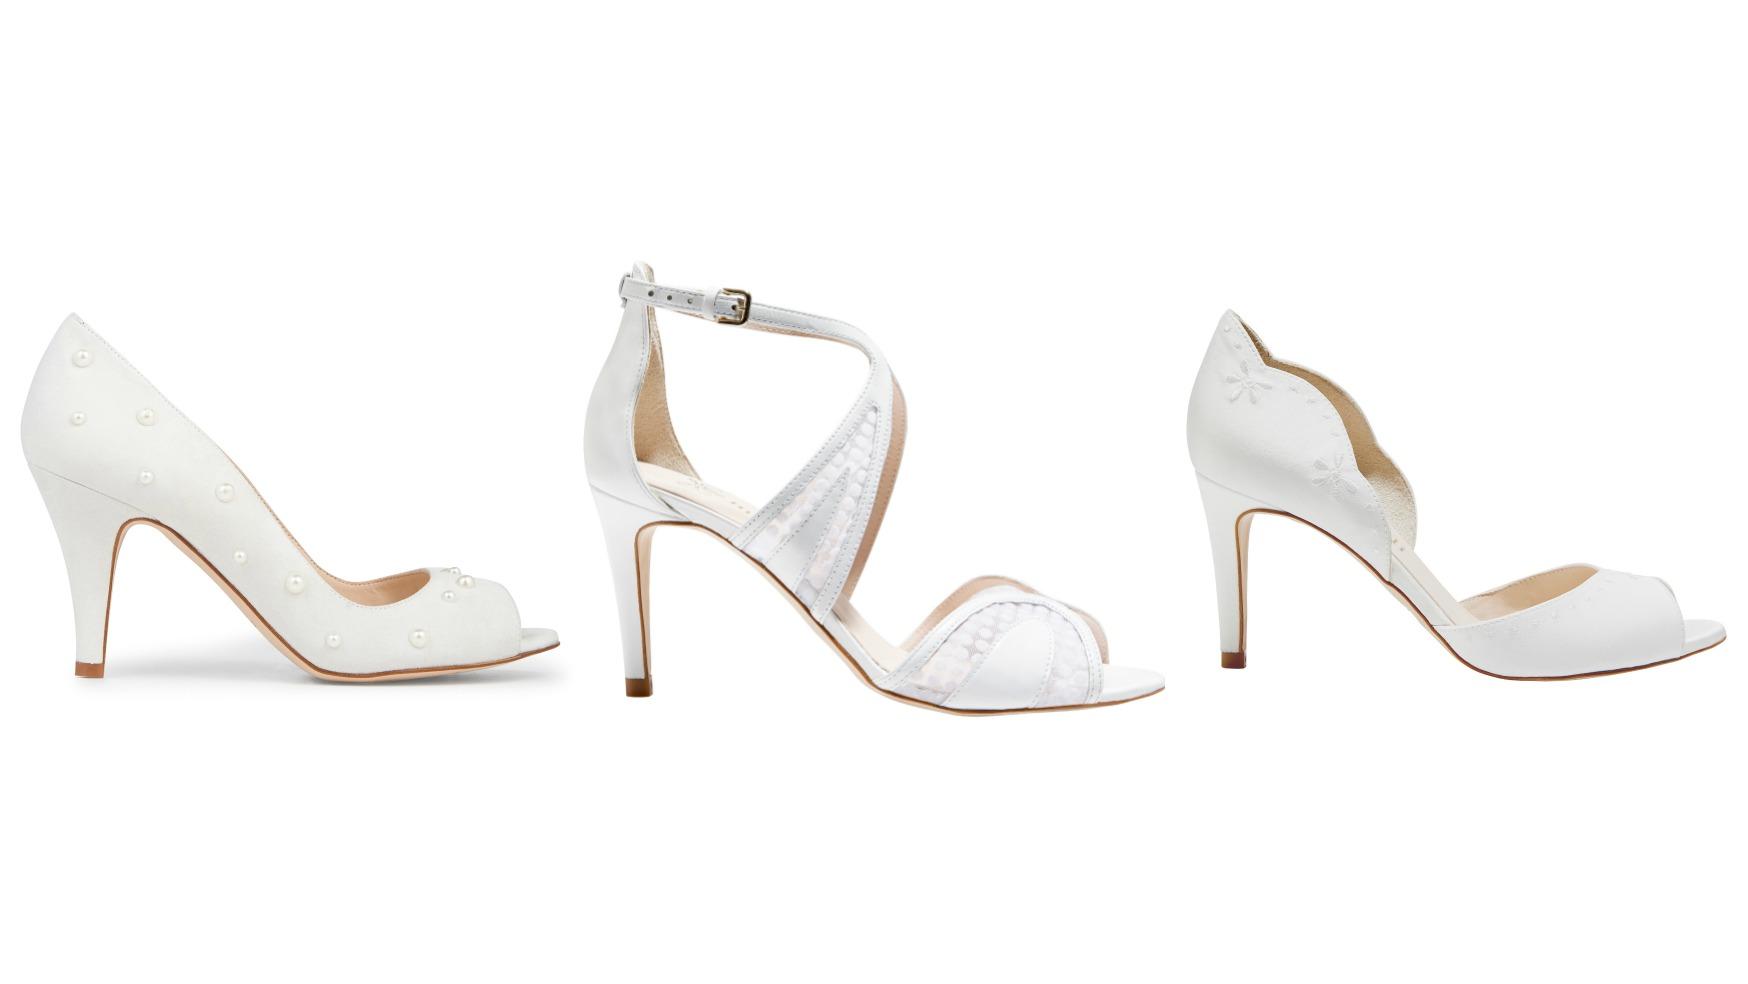 Minelli lance « Marry me », une collection de souliers dédiée aux mariées